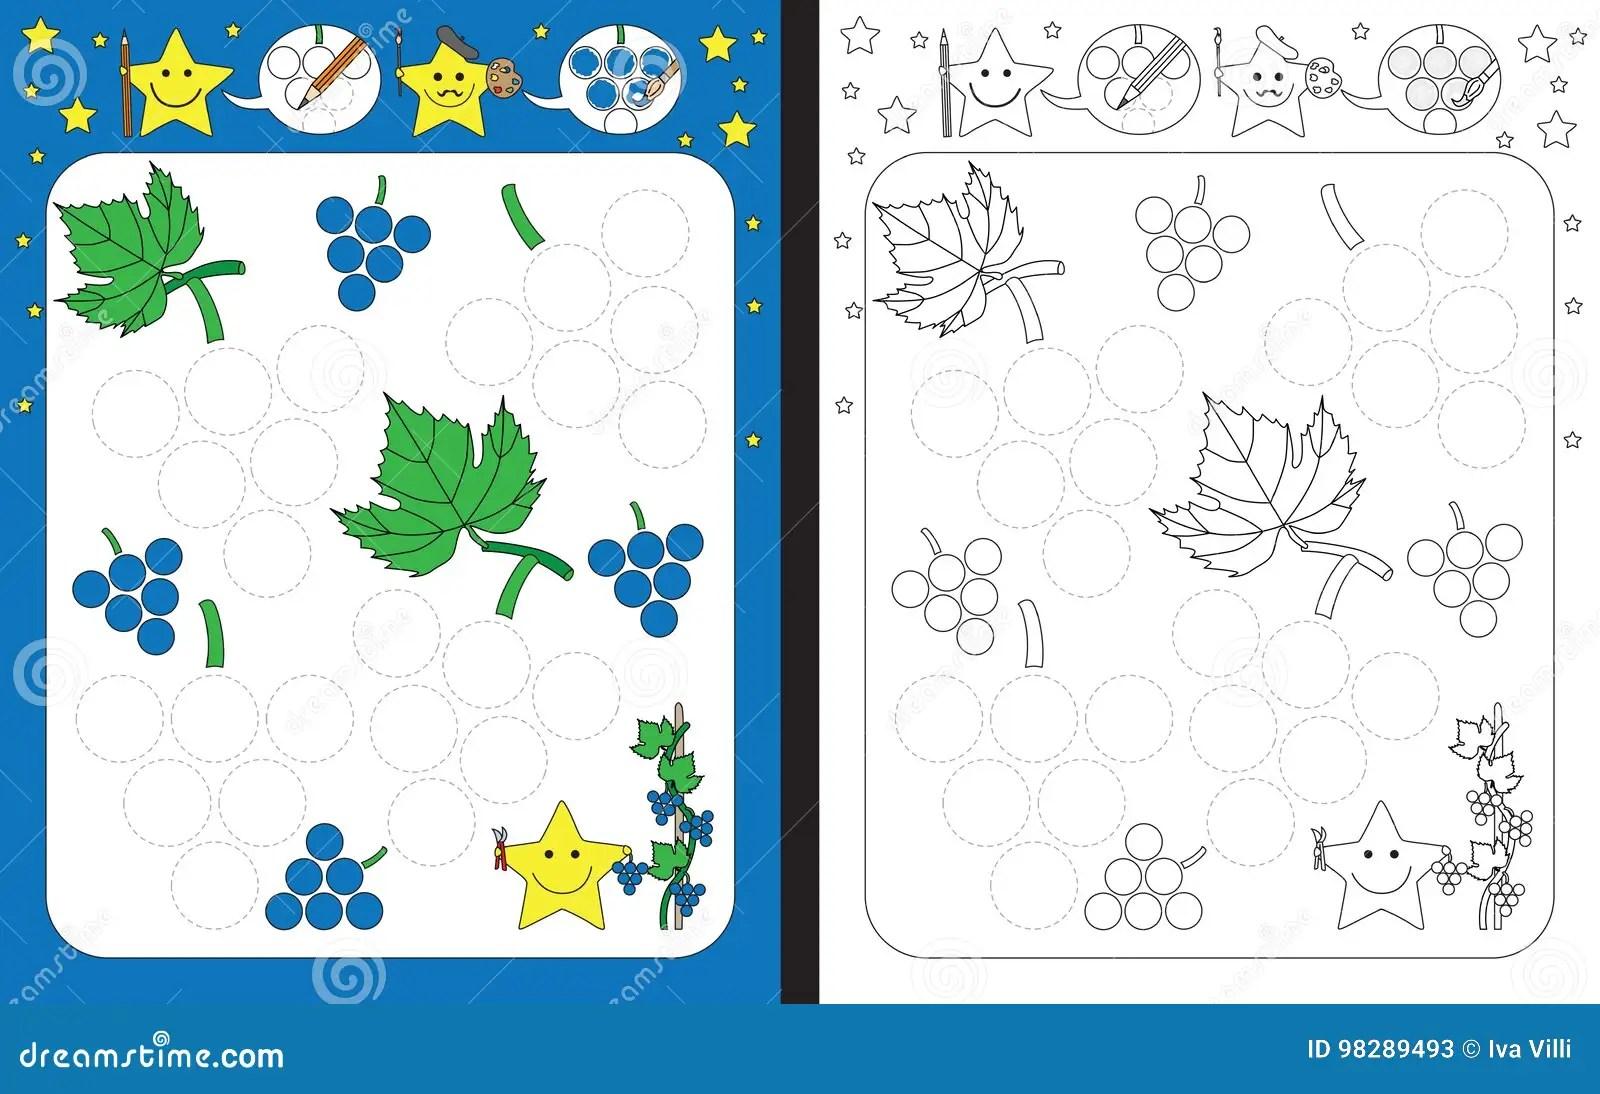 Preschool Worksheet Stock Vector Illustration Of Leaves